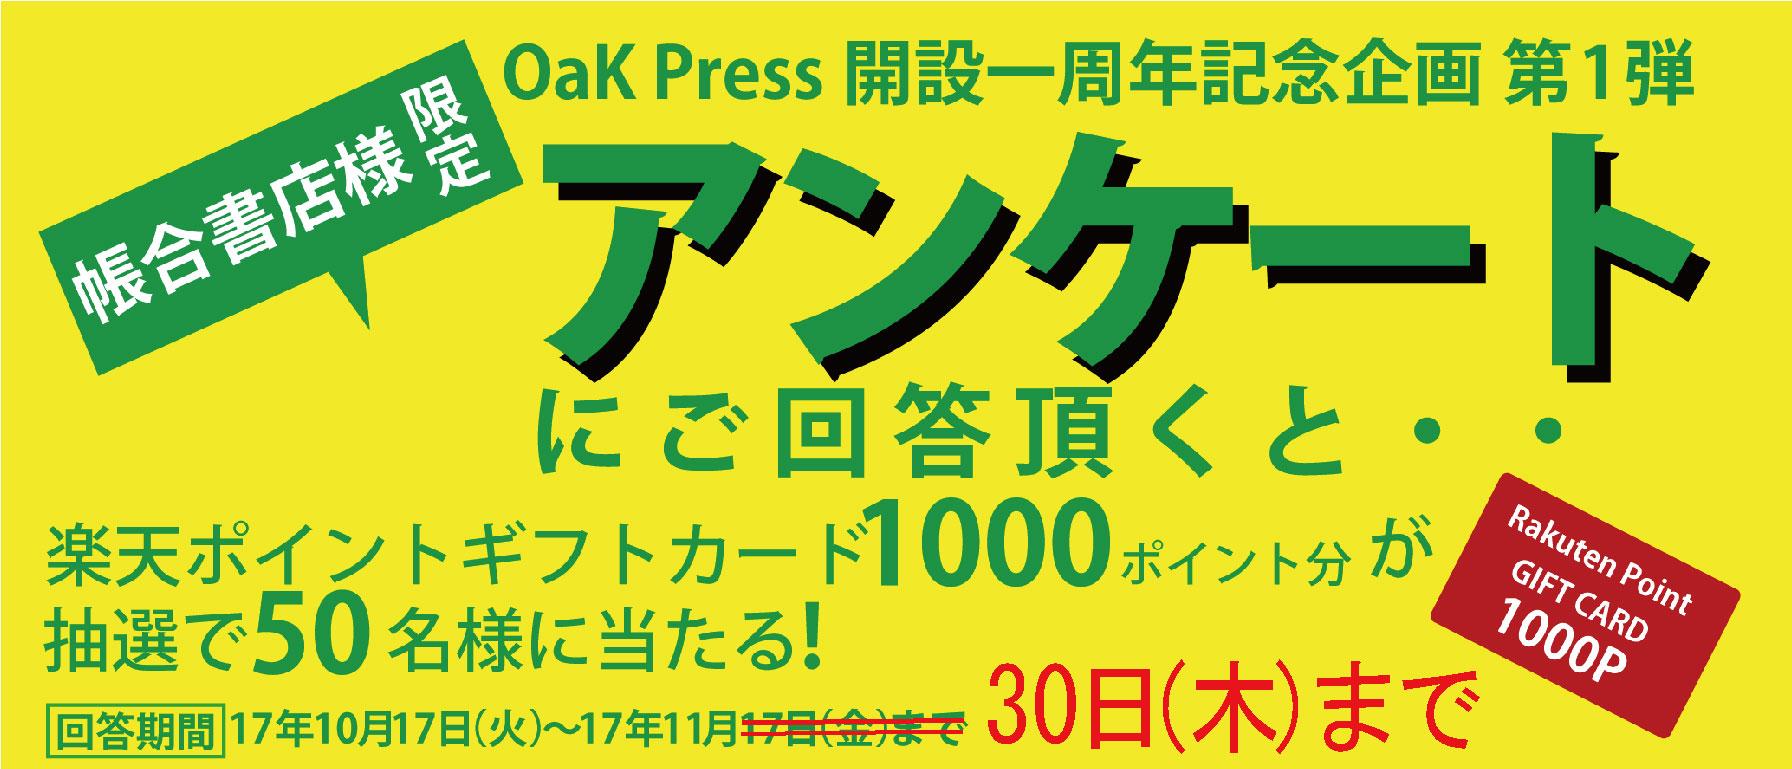 帳合書店様限定 豪華プレゼント付き「OaK Pressユーザーアンケート」実施中!回答期限を11/30に延長しました!【再掲】